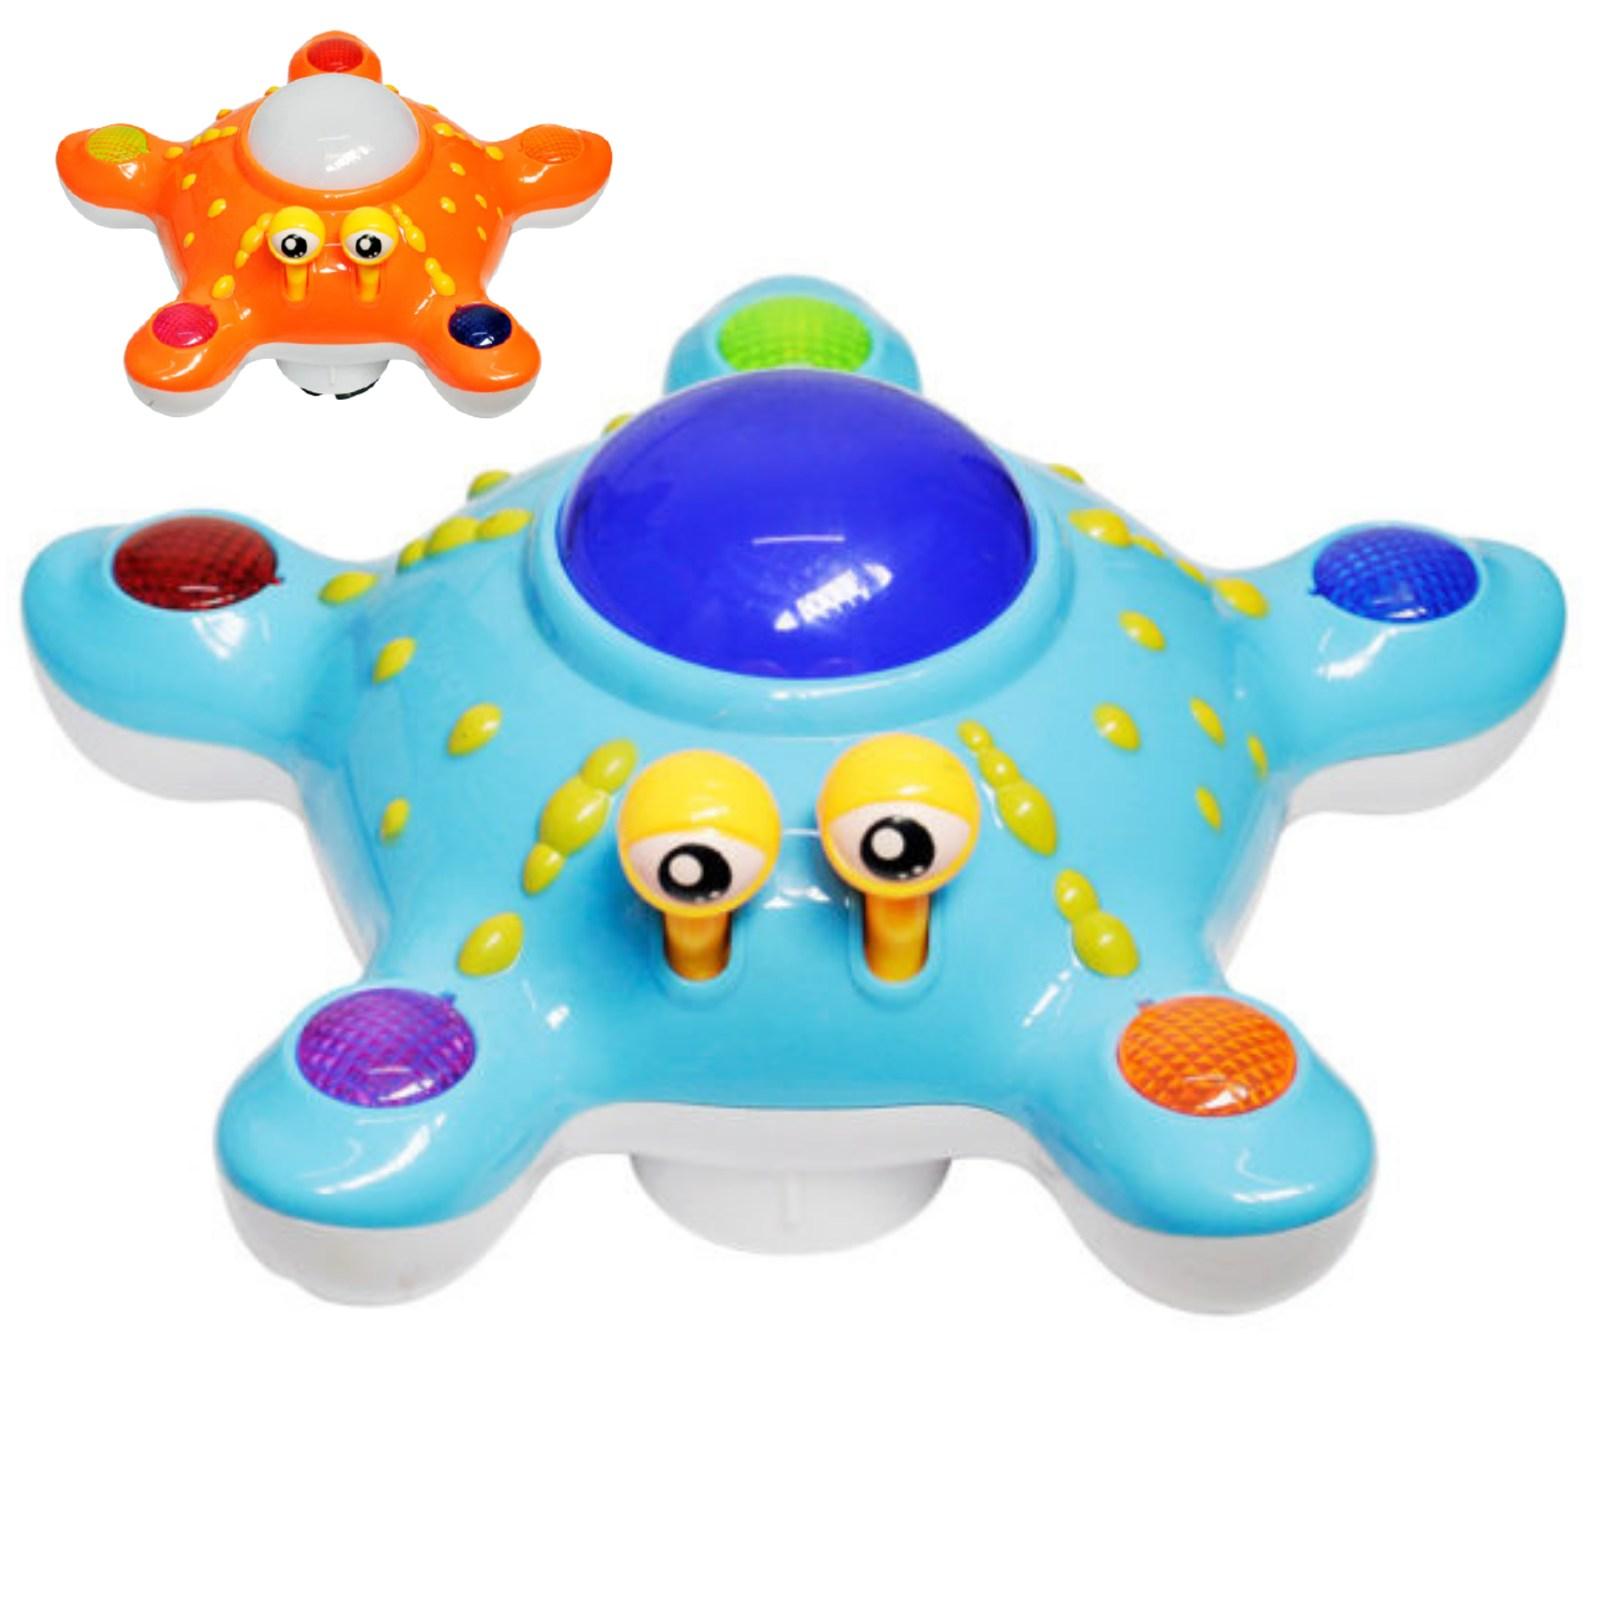 Brinquedos de Bebe Estrela Lala Bate e Volta - DM